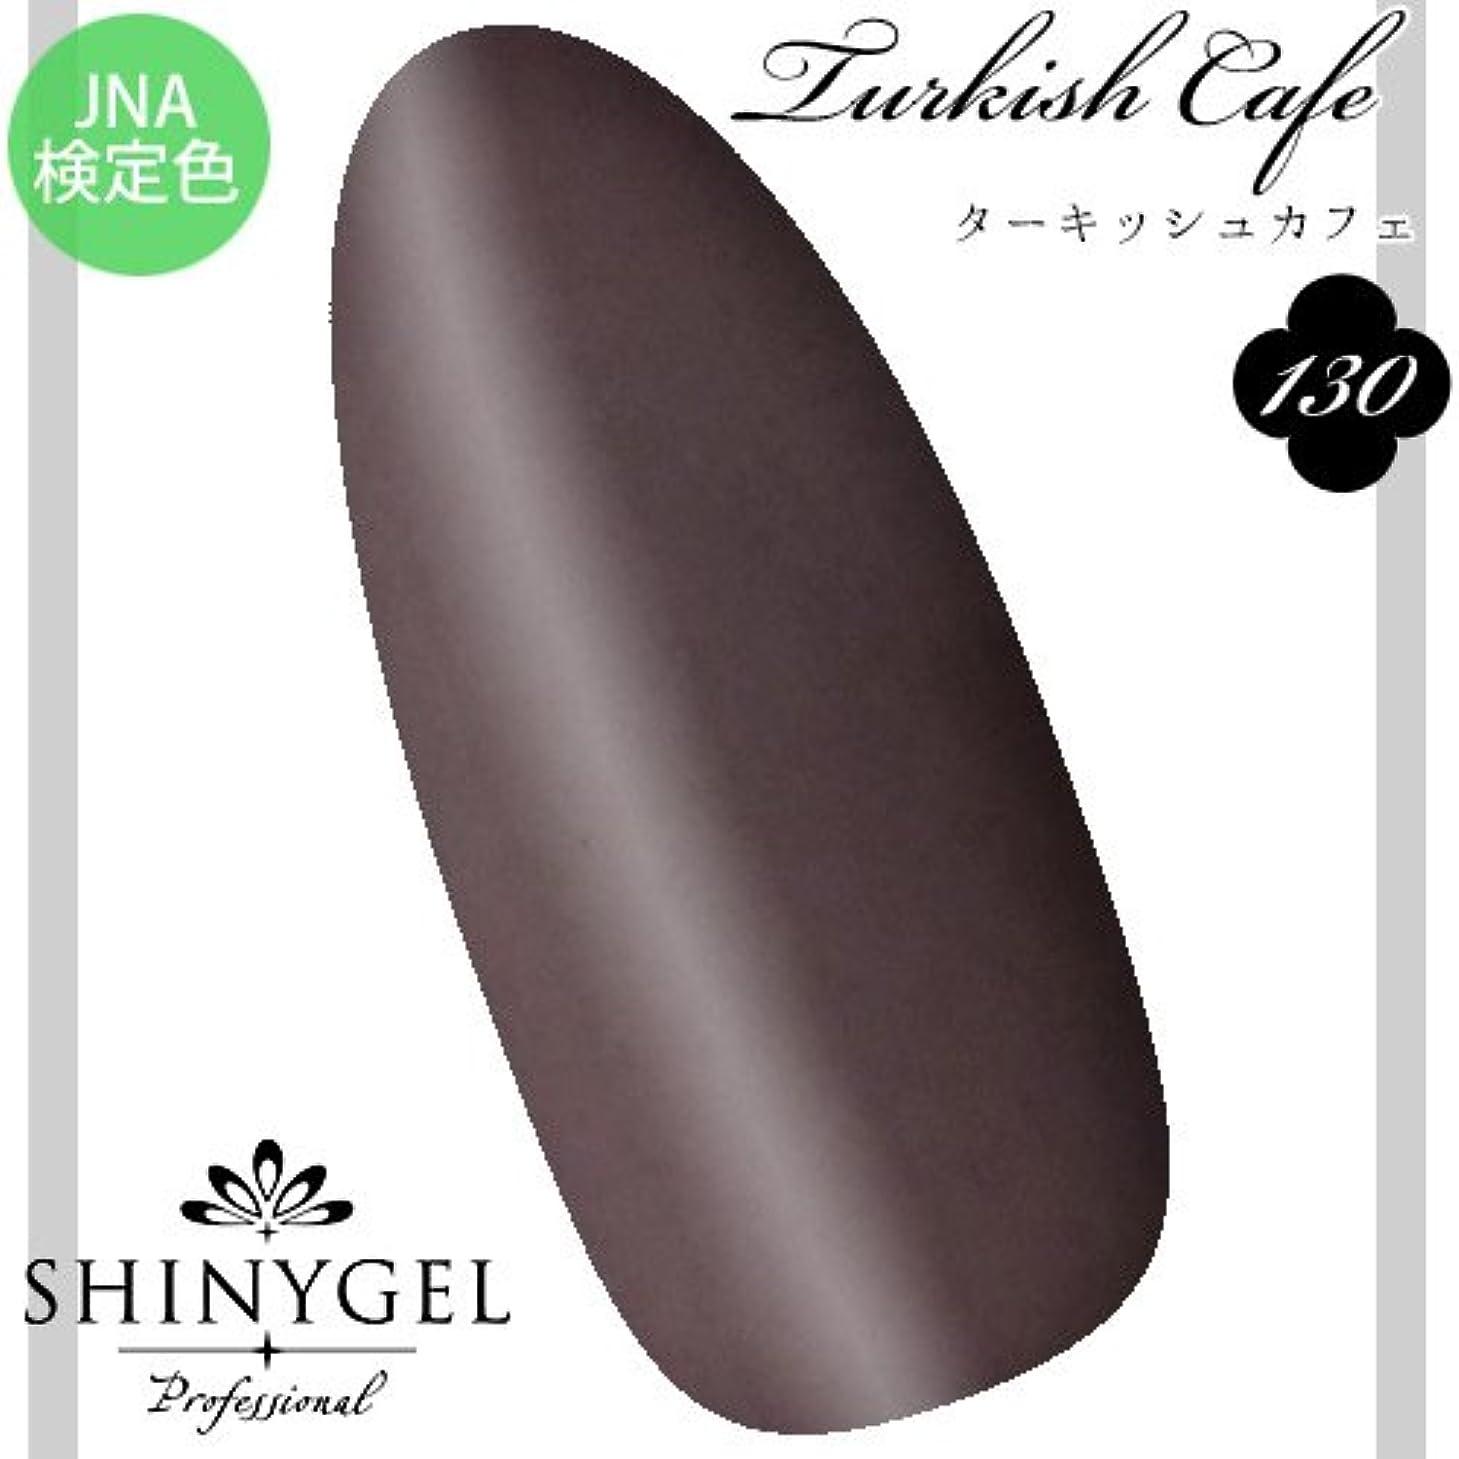 スライム承認するキャンバスSHINY GEL カラージェル 130 4g ターキッシュカフェ UV/LED対応 JNA検定色